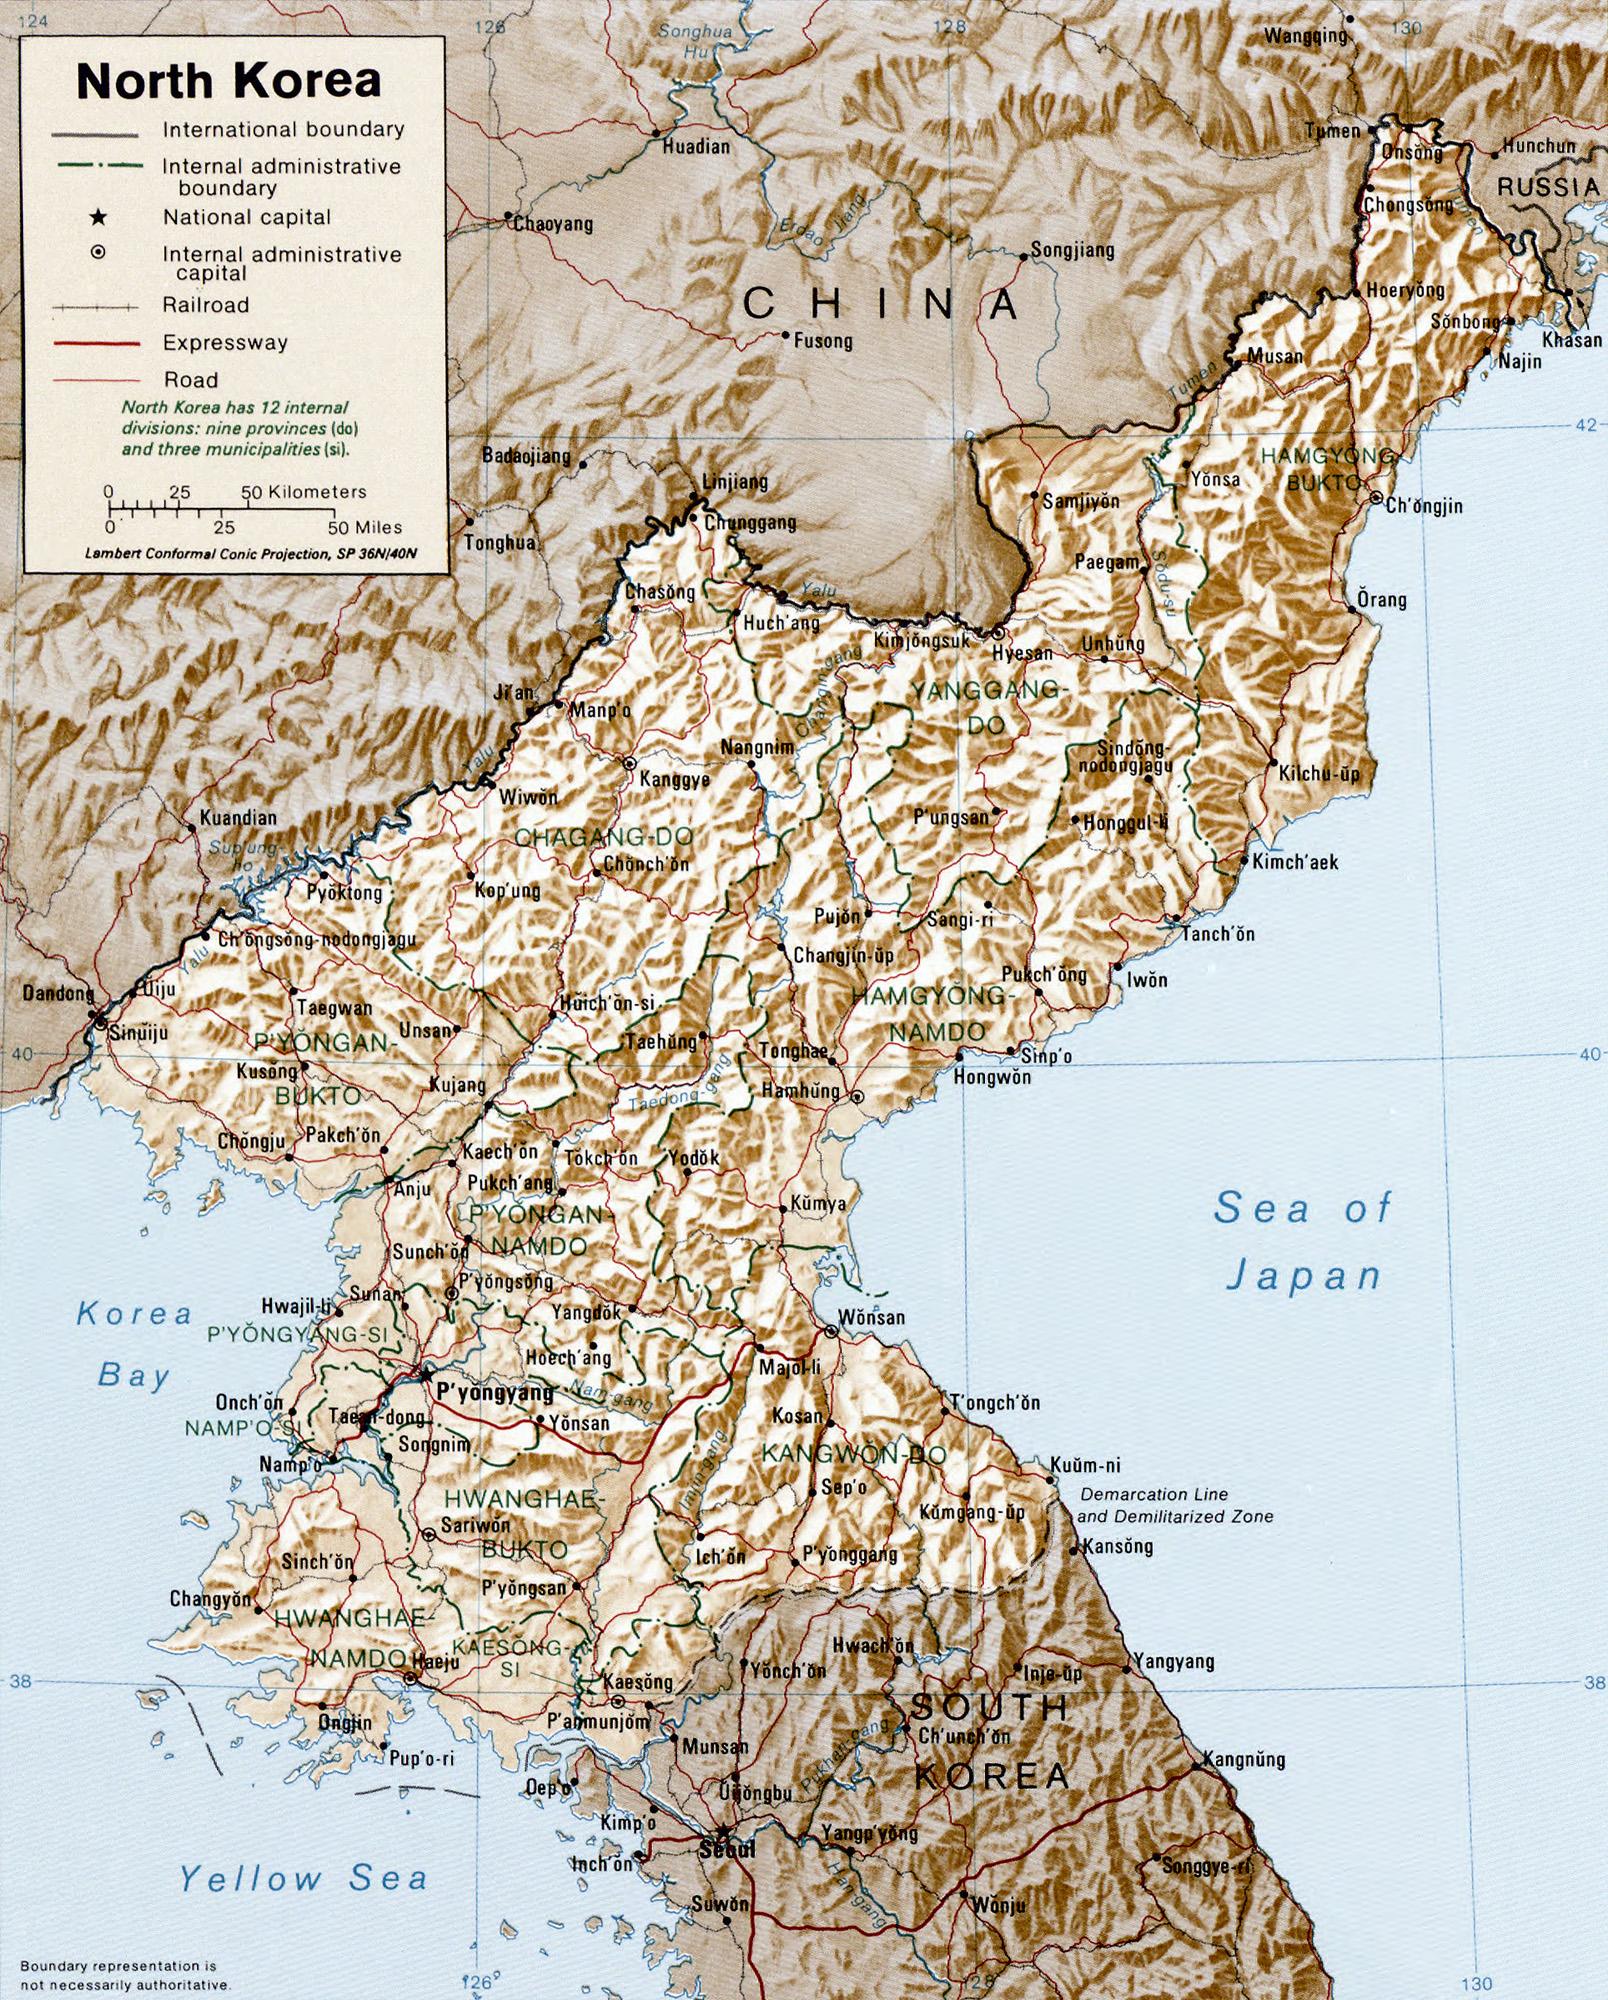 جغرافيا كوريا الشمالية ويكيبيديا